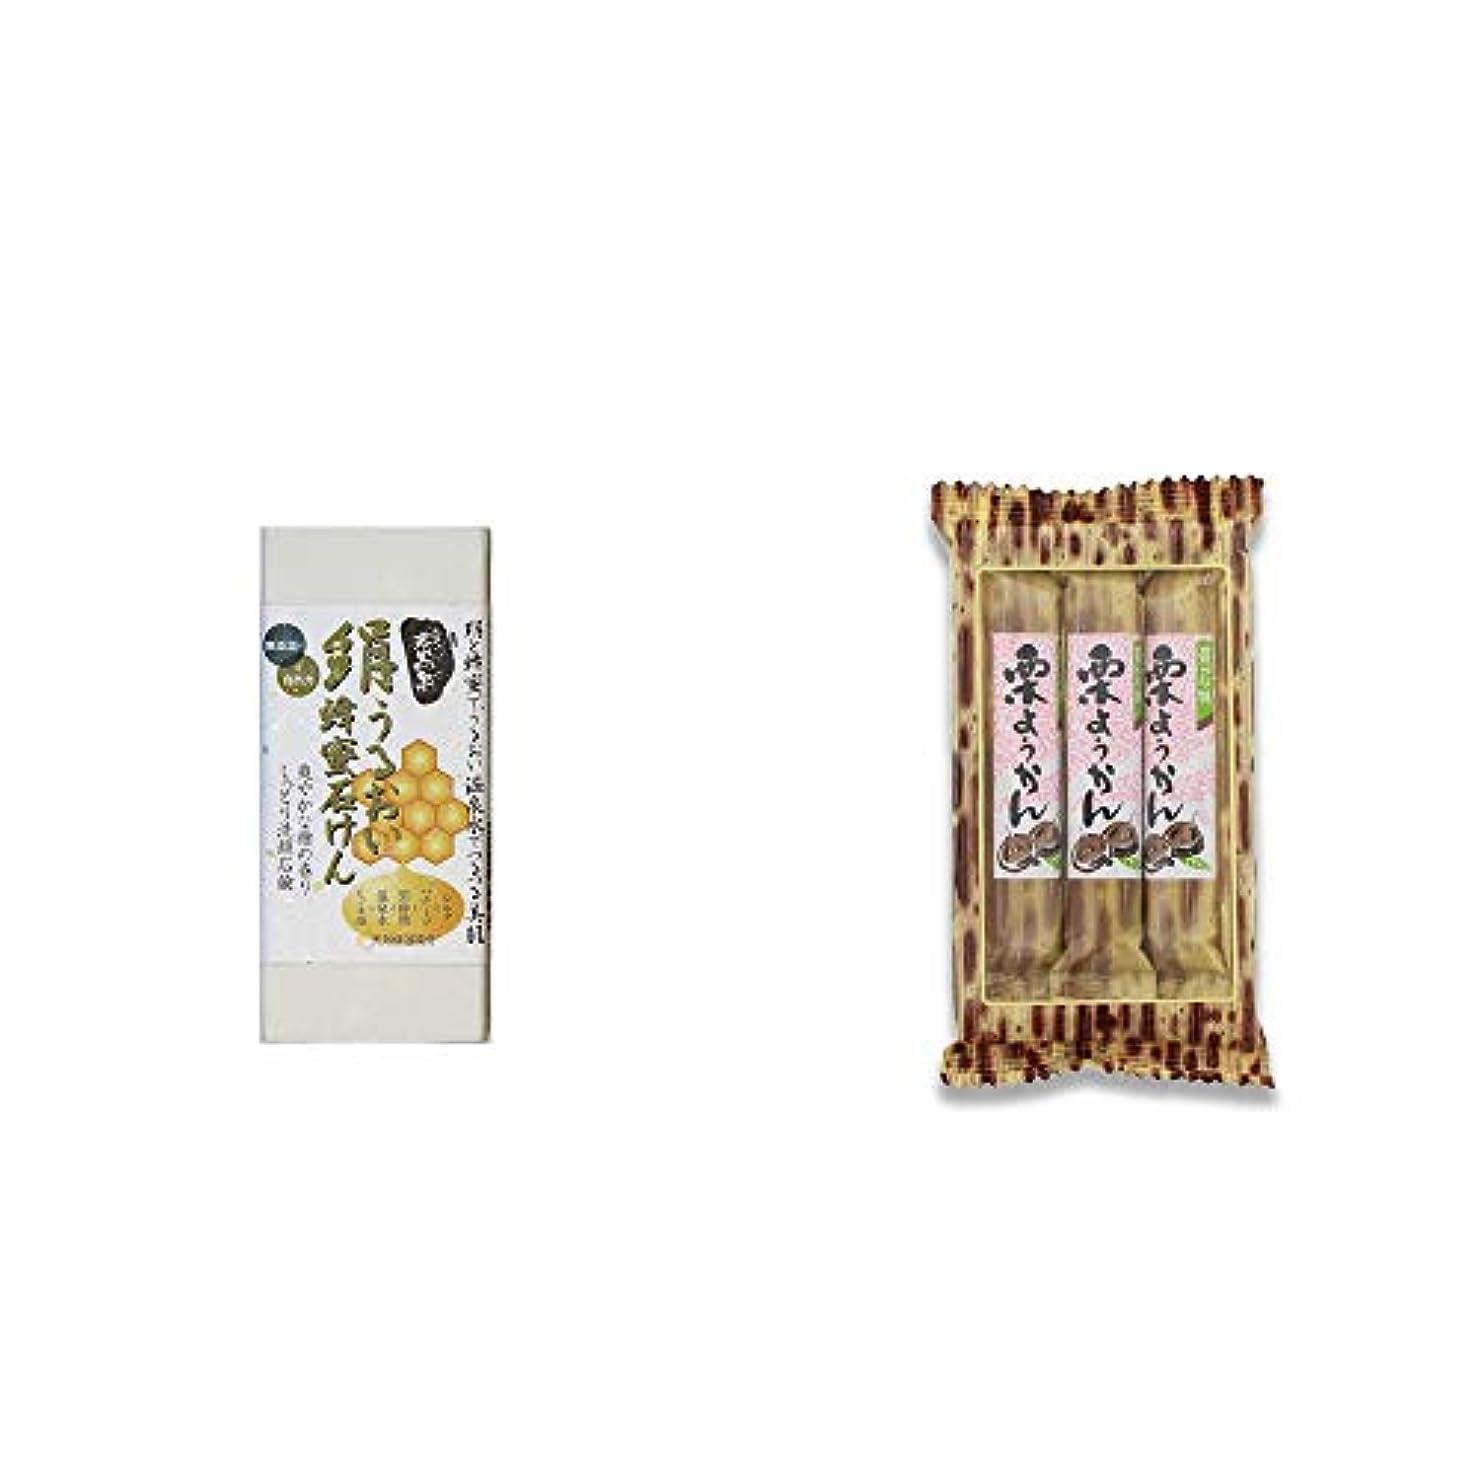 翻訳チャップ考案する[2点セット] ひのき炭黒泉 絹うるおい蜂蜜石けん(75g×2)?スティックようかん[栗](50g×3本)